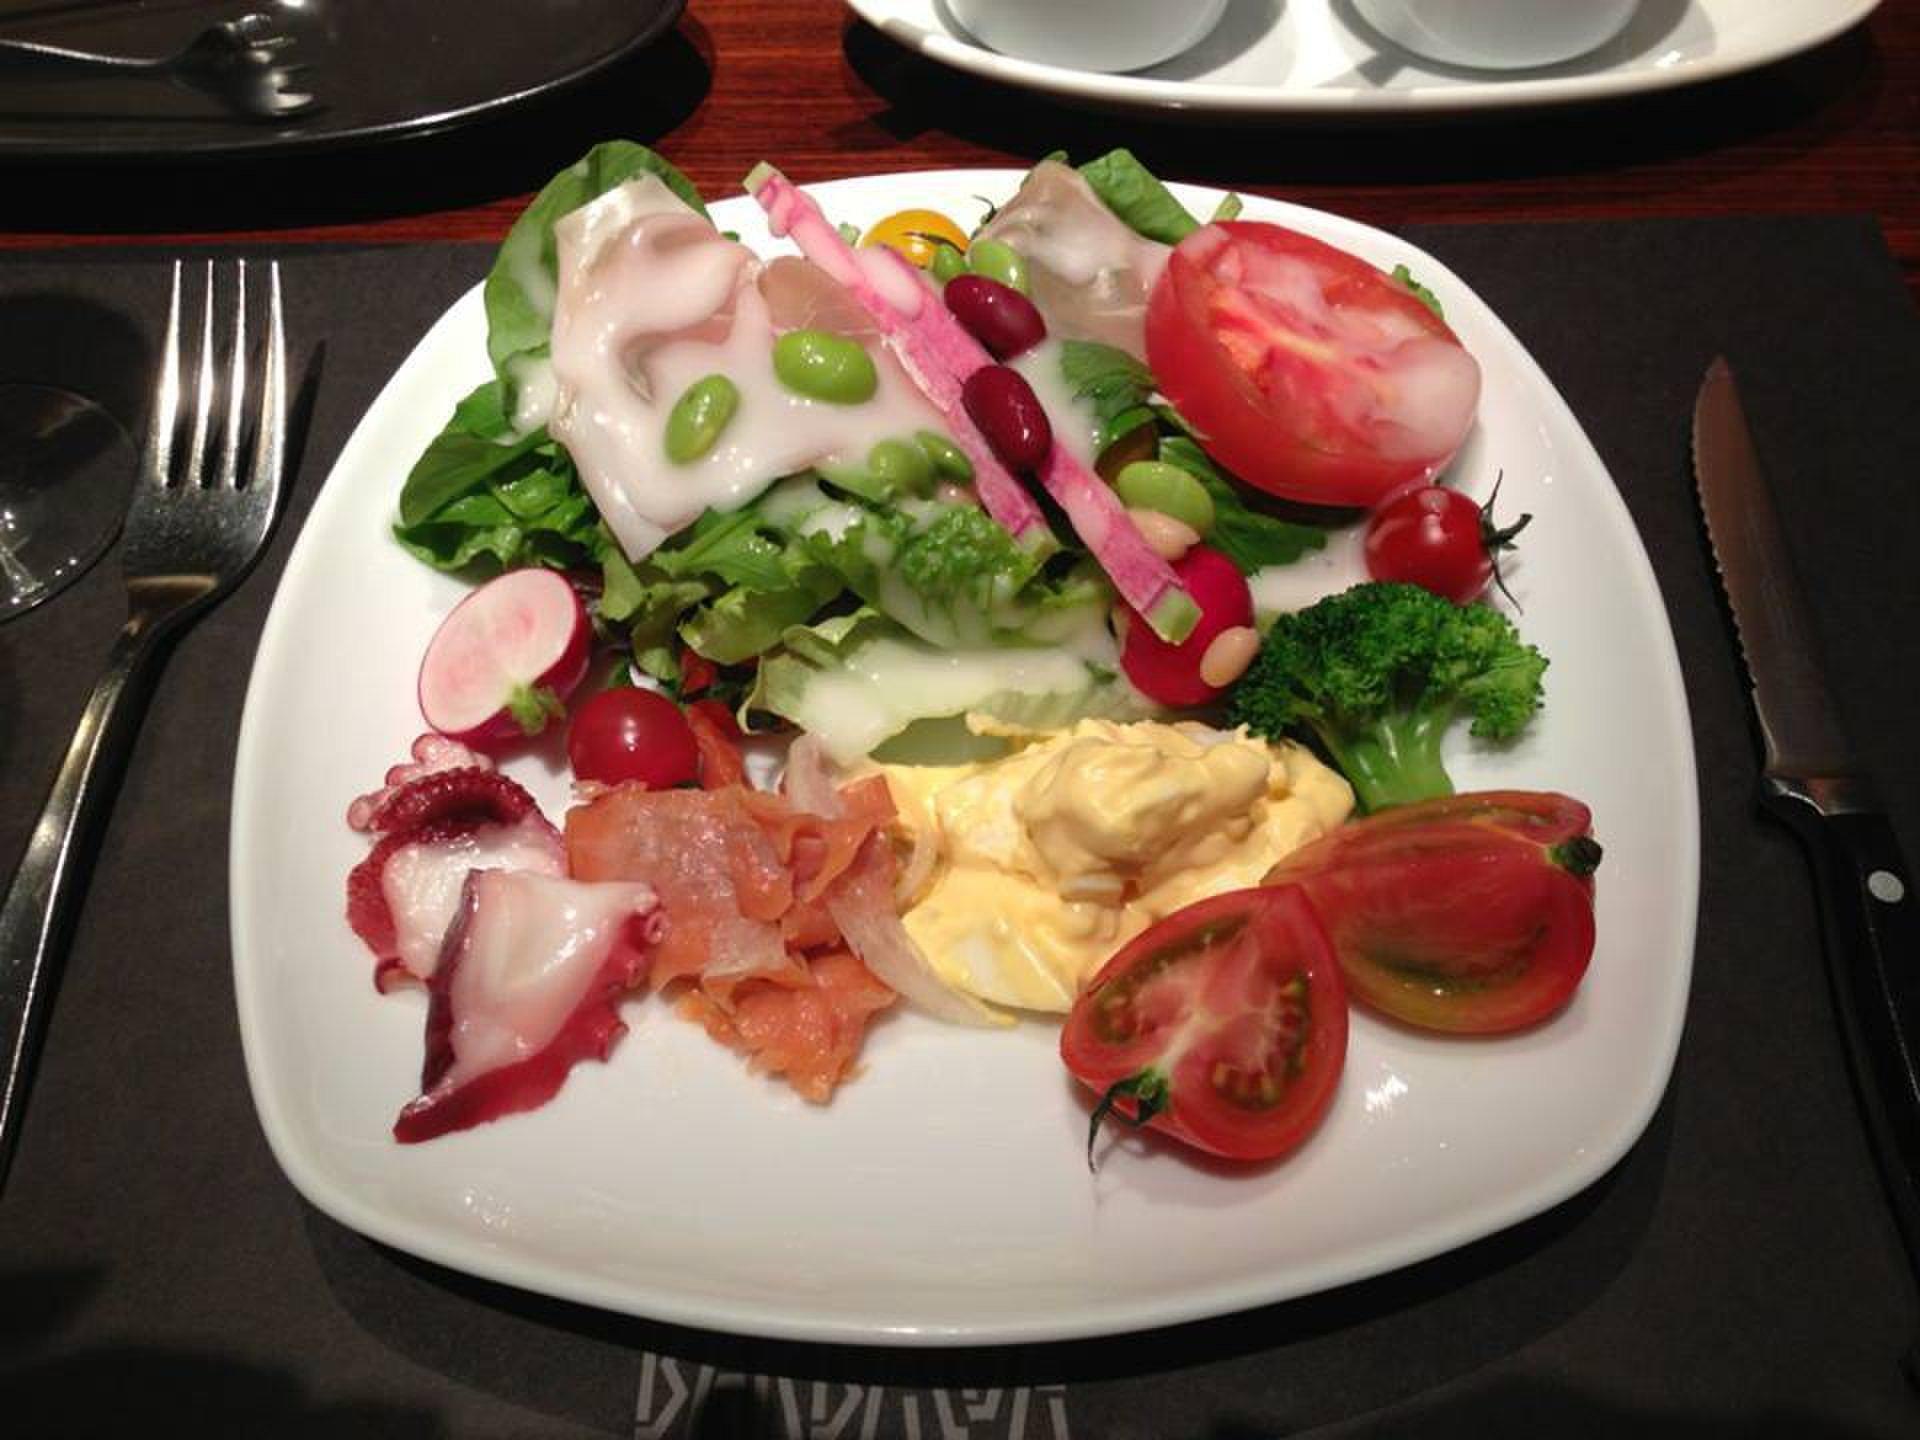 丸の内で食べられる本場ブラジルBBQ「バルバッコア クラシコ」